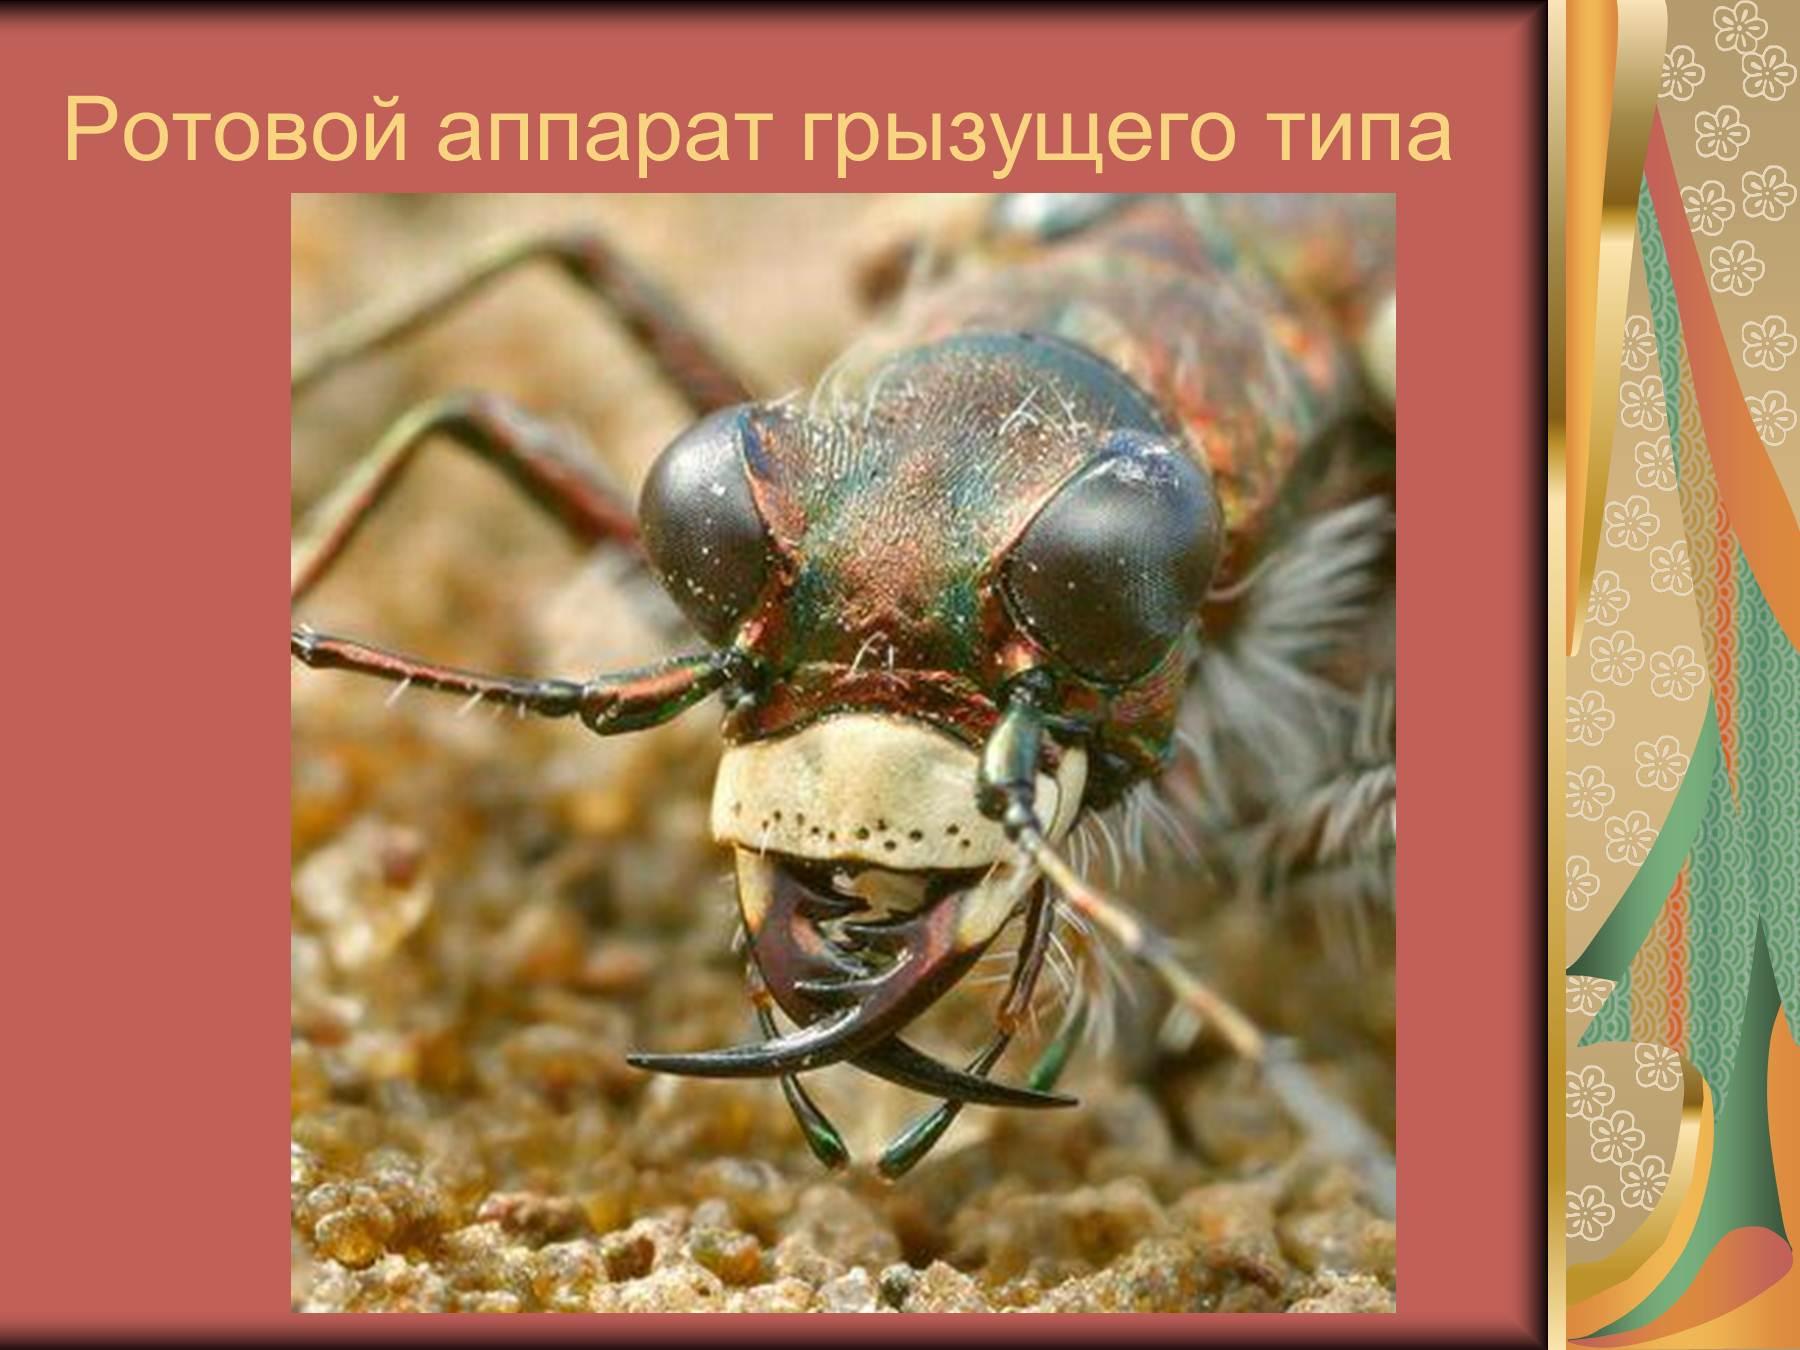 kolyushe-sosushiy-rotovoy-apparat-imeet